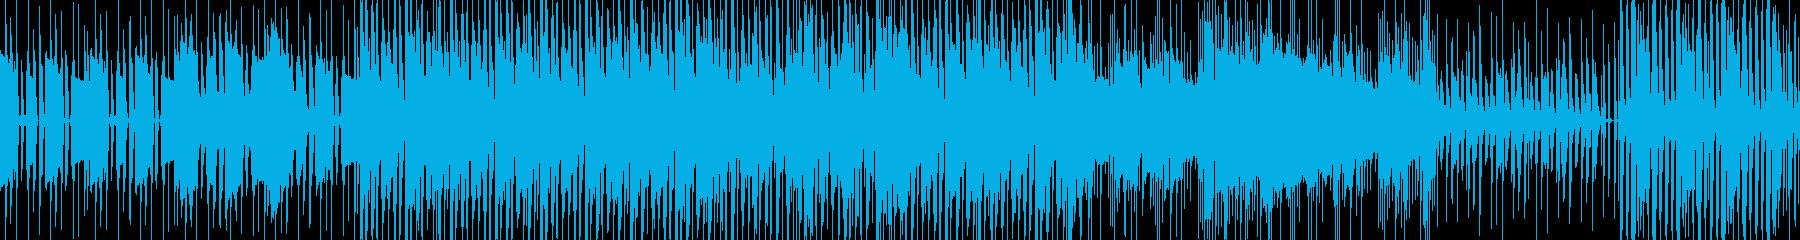 【ループ仕様】脱力系エレクトロニカの再生済みの波形